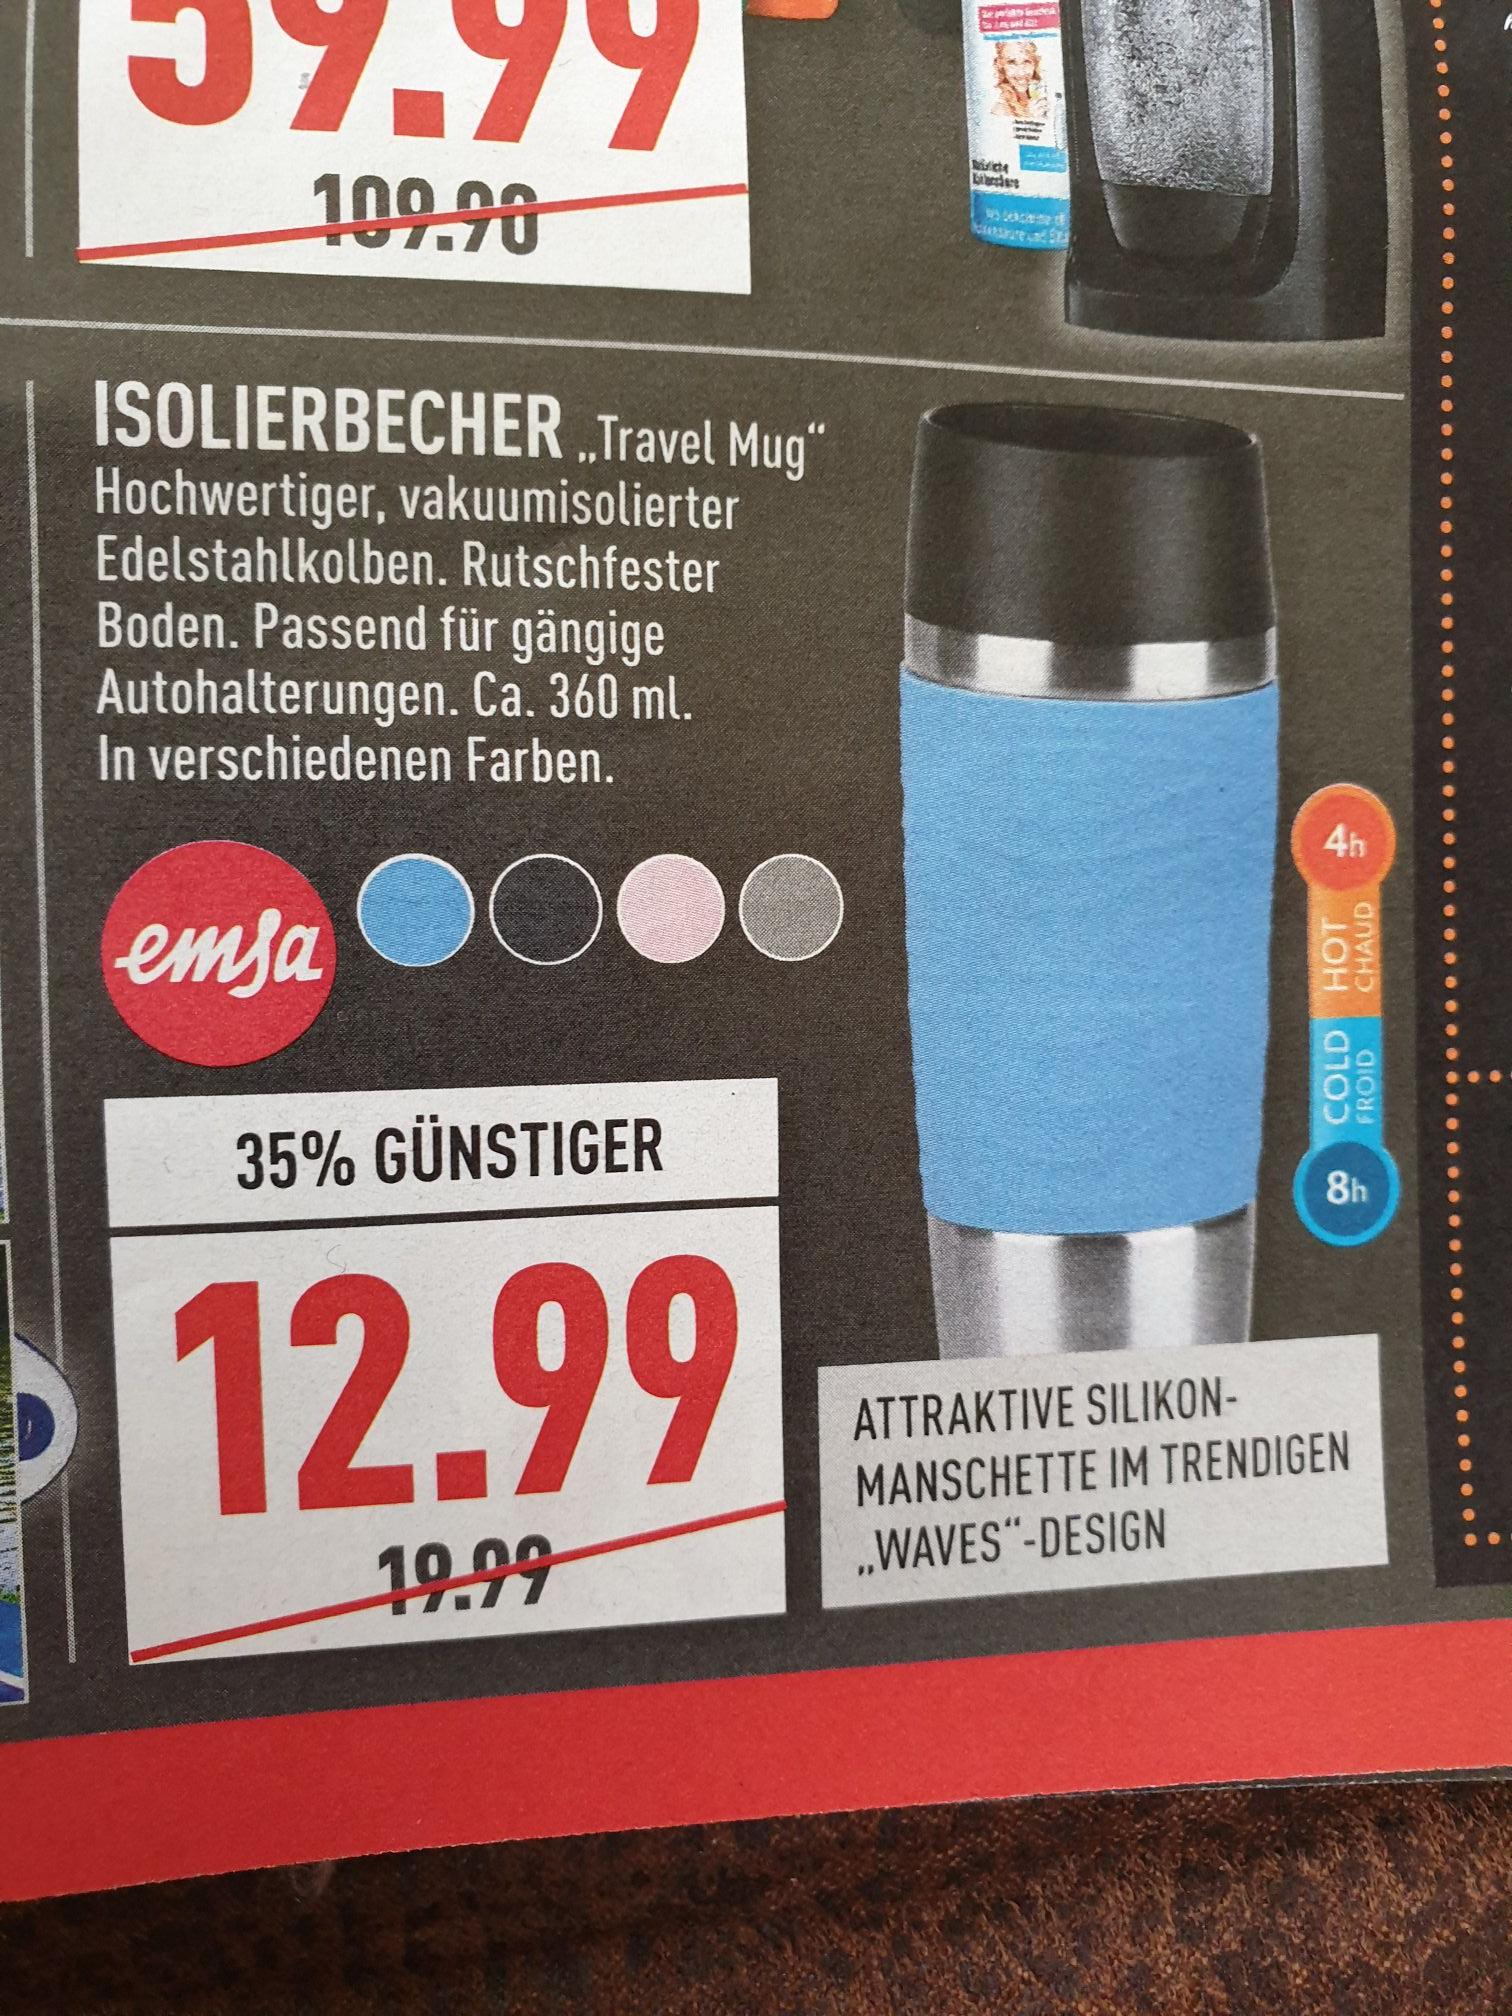 Emsa Travel Mug 360ml bei Marktkauf Nordhorn (Bundesweit?)